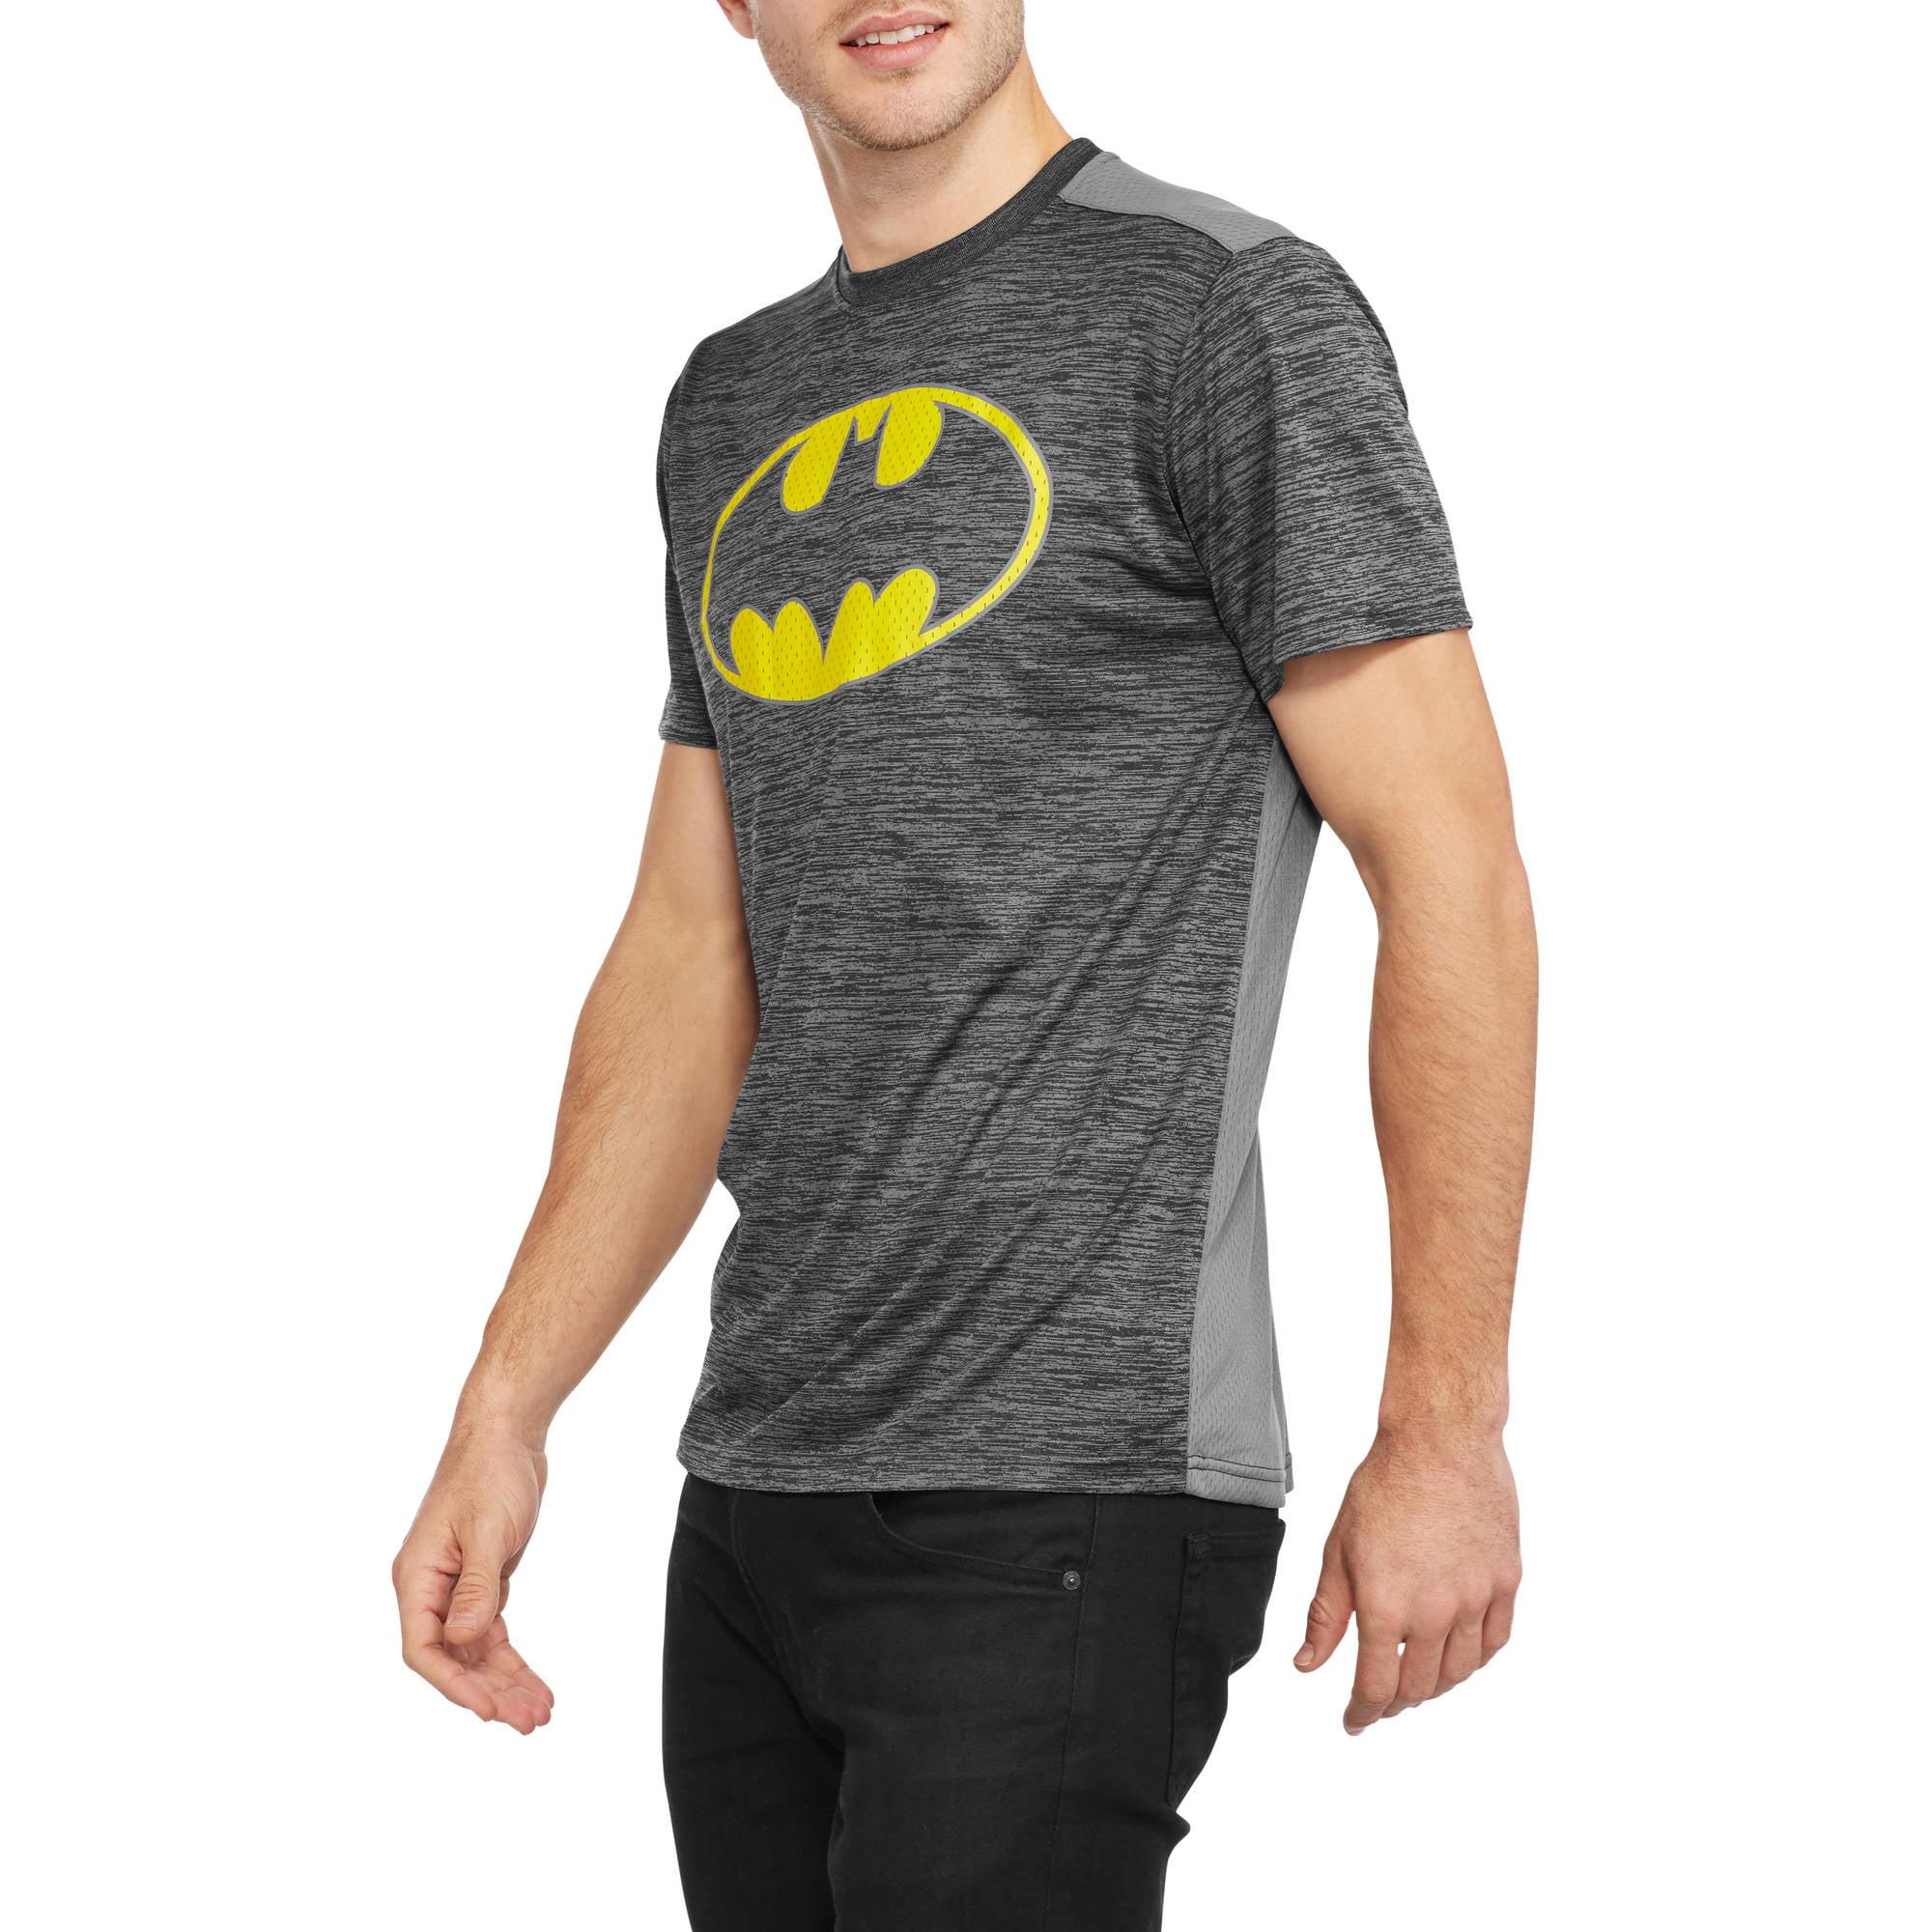 Dc comics Men's Batman logo poly mesh tee by